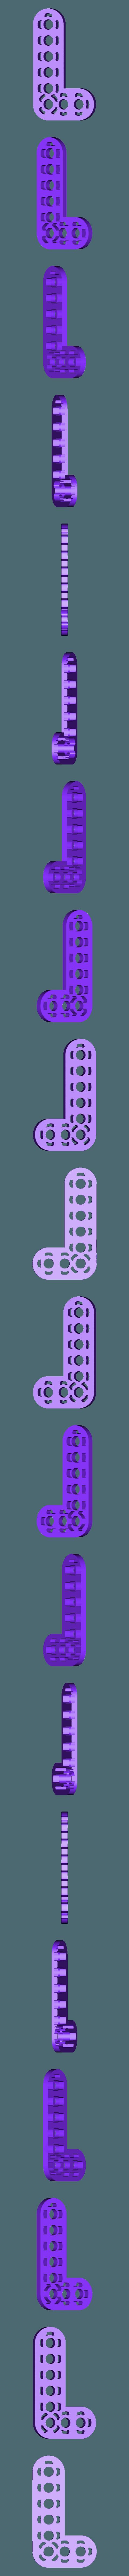 L_3_6.STL Télécharger fichier STL gratuit MEGA Expansion 200+ Pièces • Plan à imprimer en 3D, Pwentey